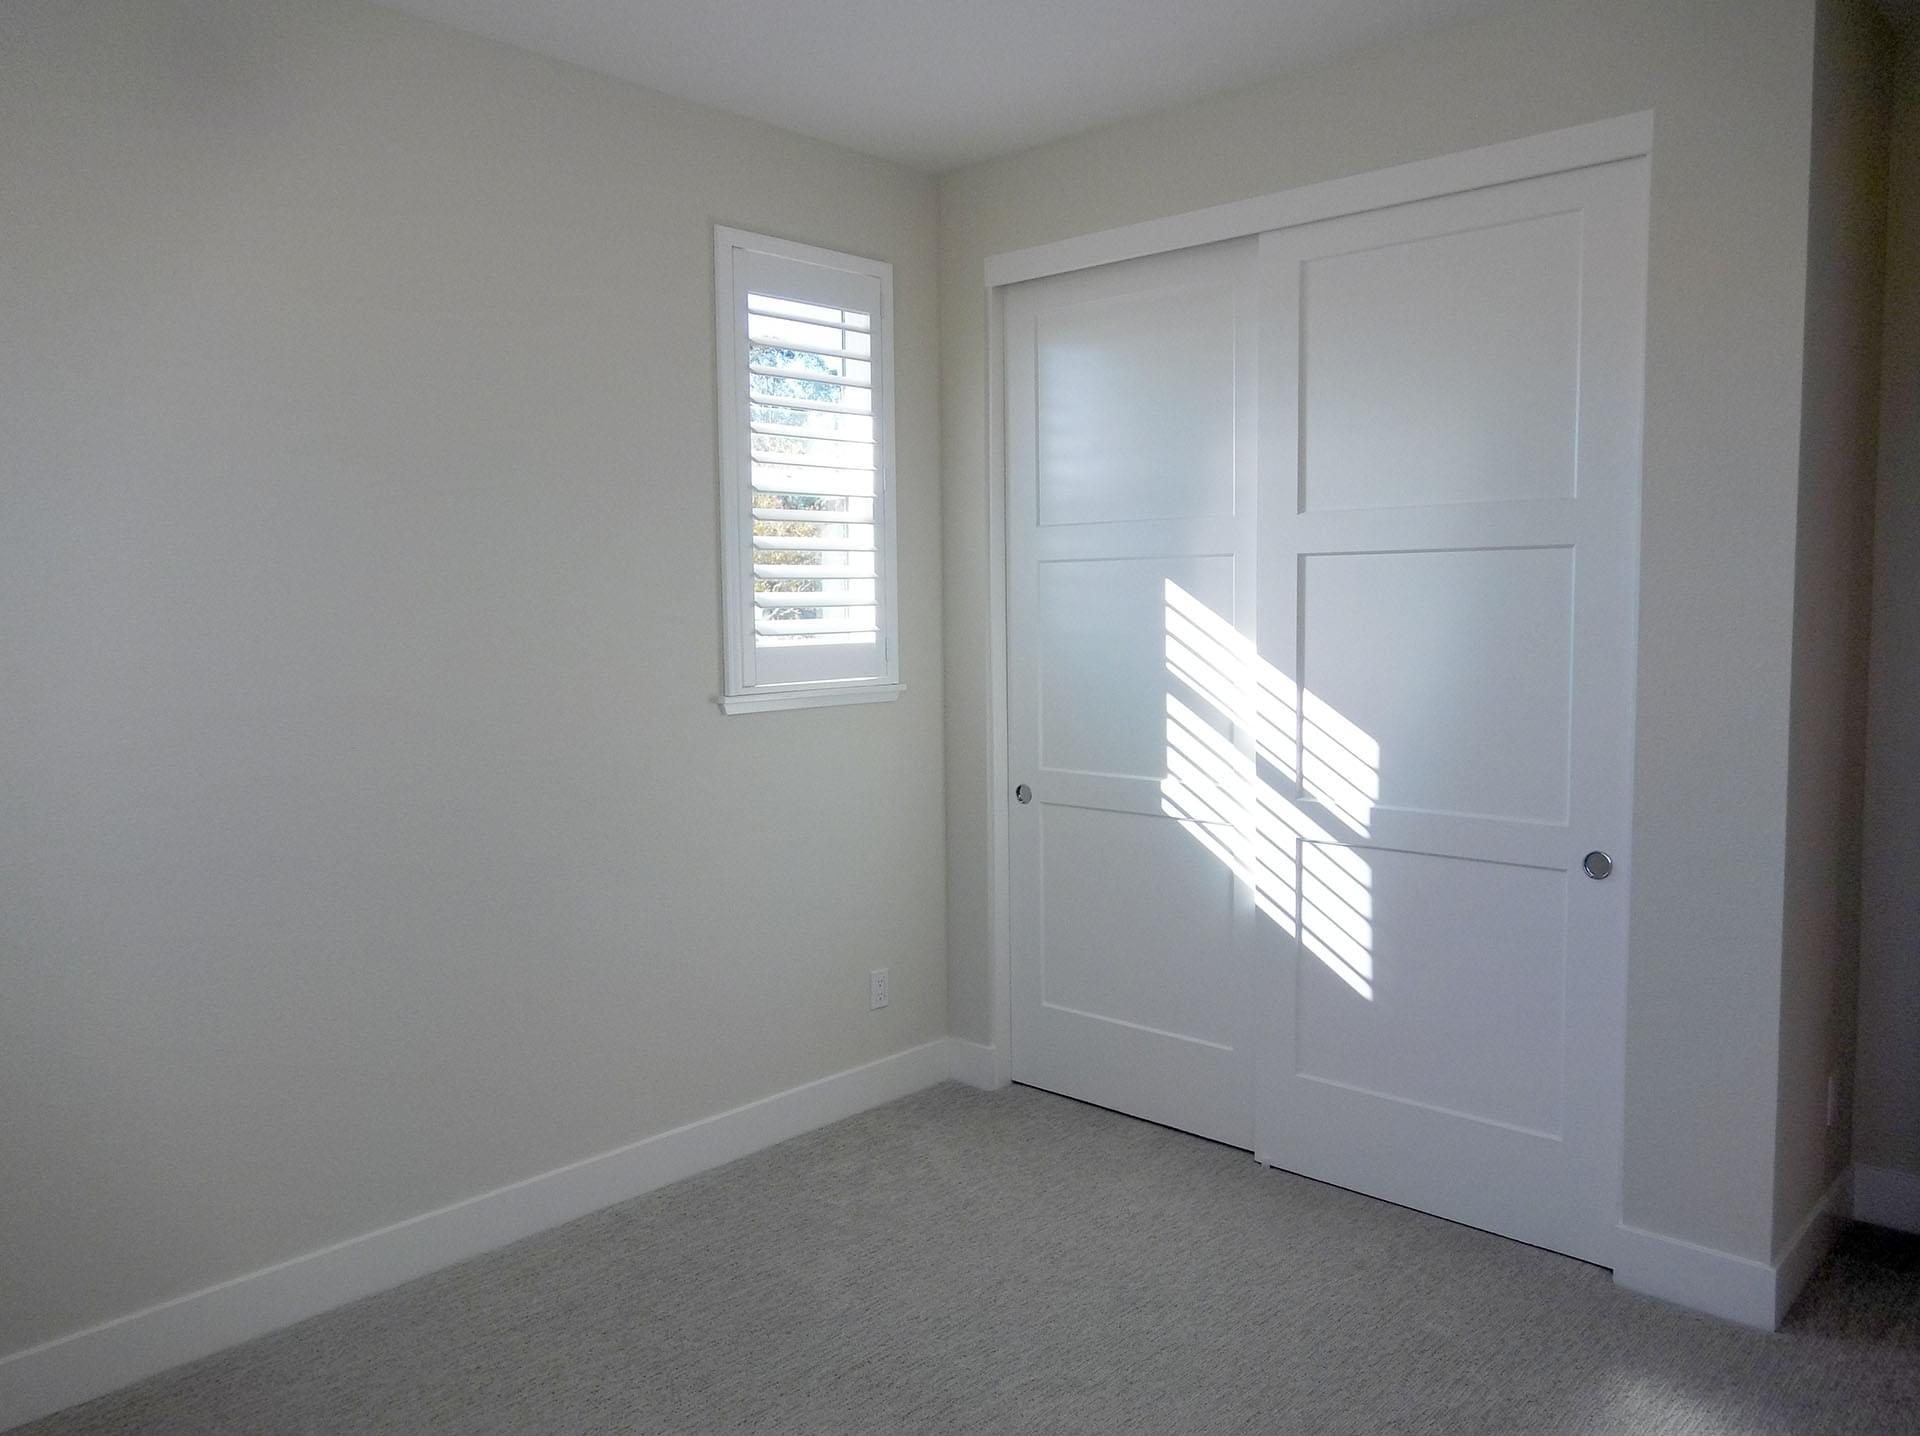 Lot 5 Bedroom 2